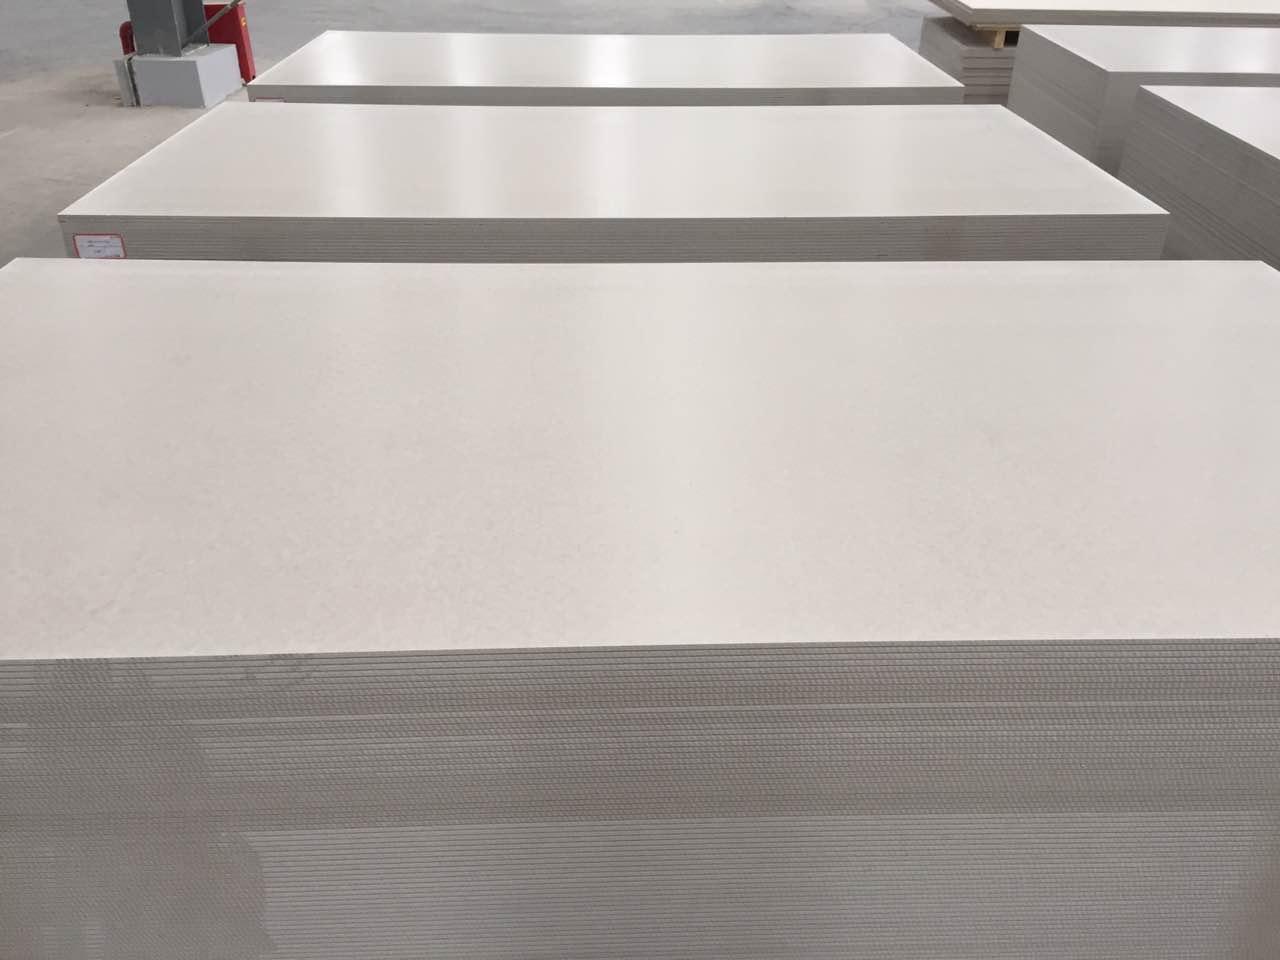 纤维水泥板多少钱|供应安徽性价比高的8mm纤维水泥板